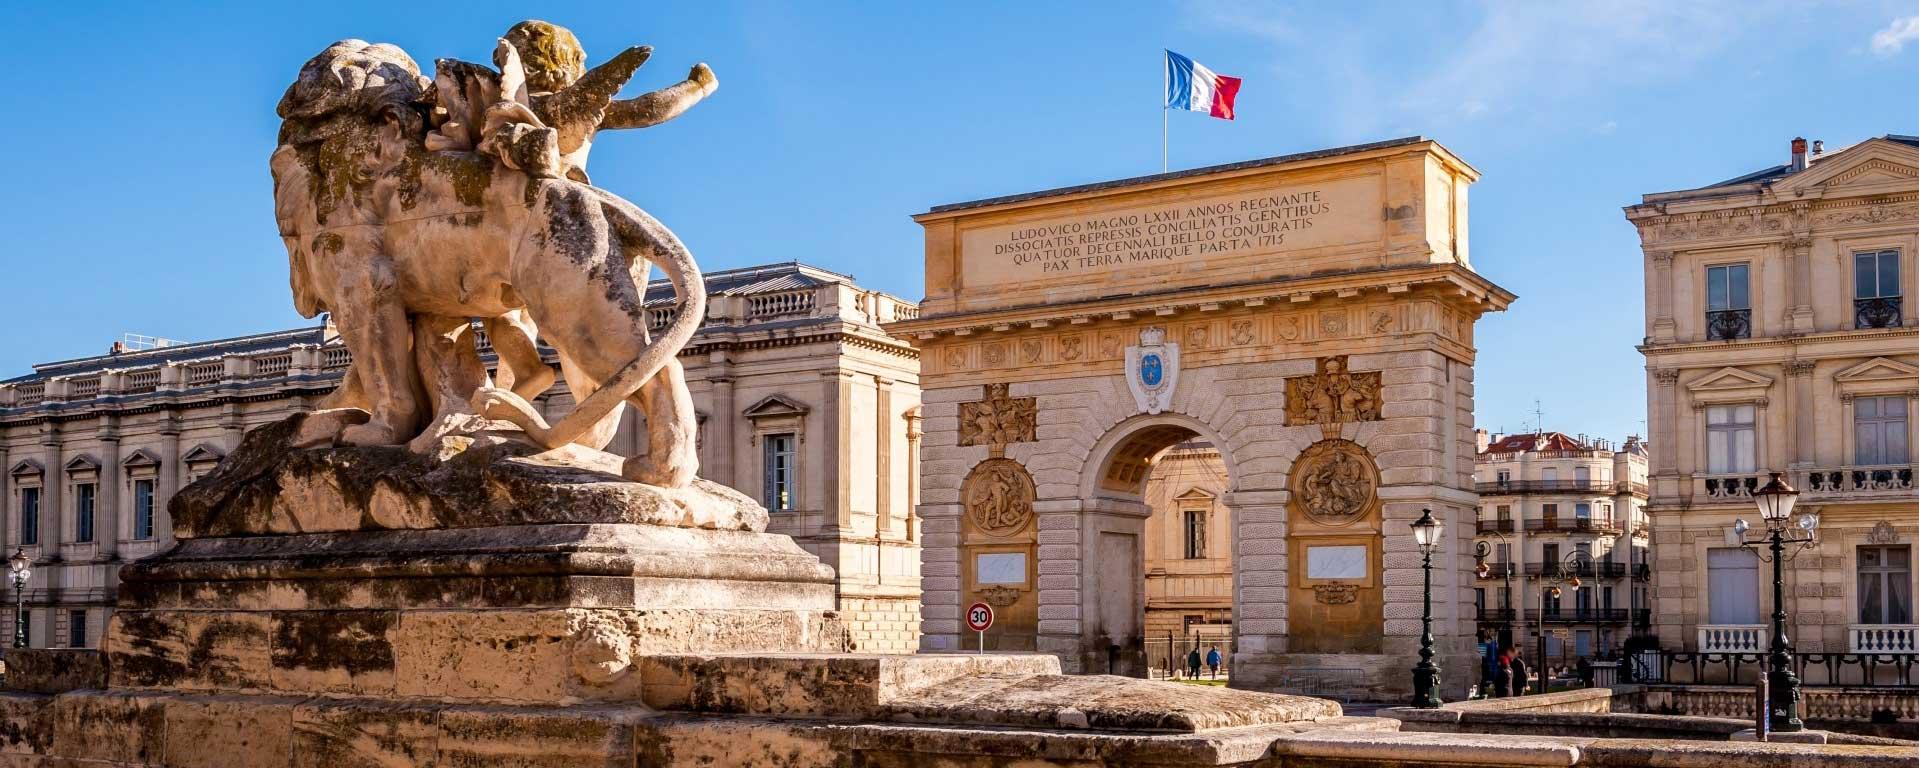 Alliance française montpellier arc de triomphe